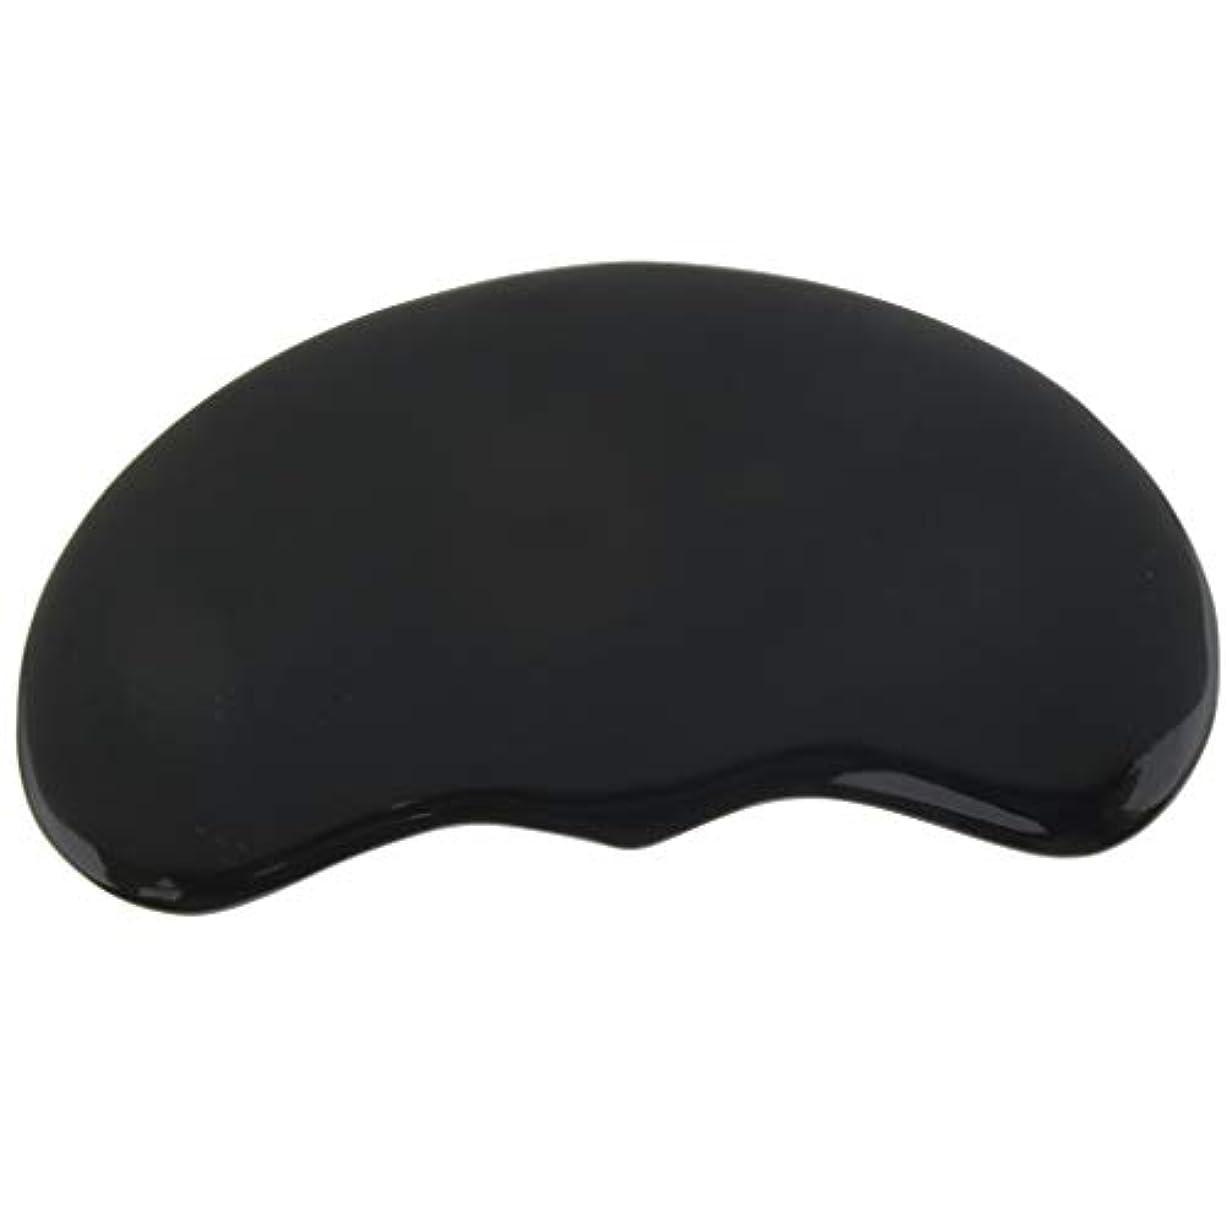 アートきらめく差別するSPAサロン マッサージ かっさプレート ツボ押し 顔/体用 ブラック